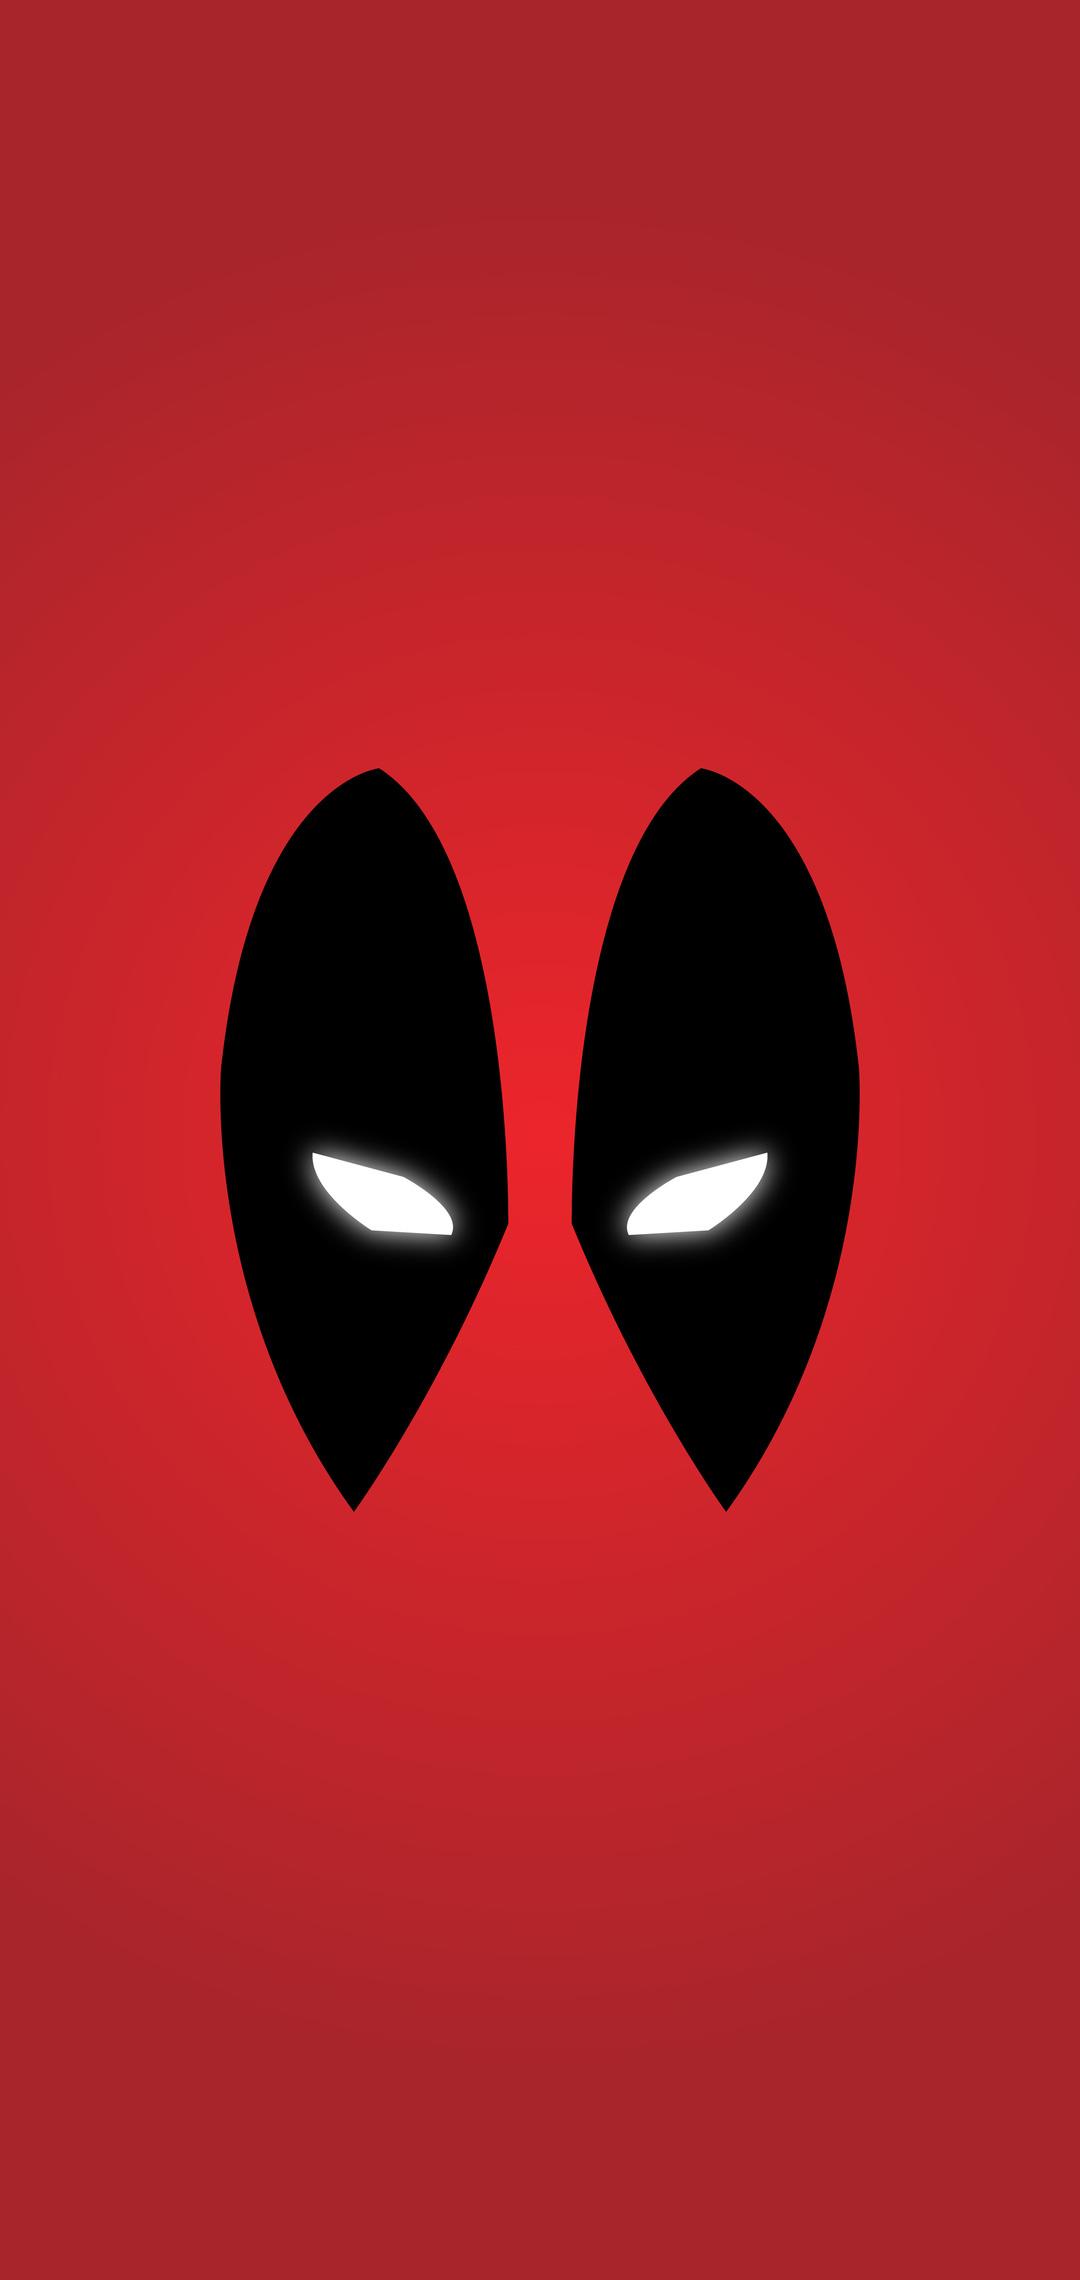 deadpool-marvel-hero-bq.jpg